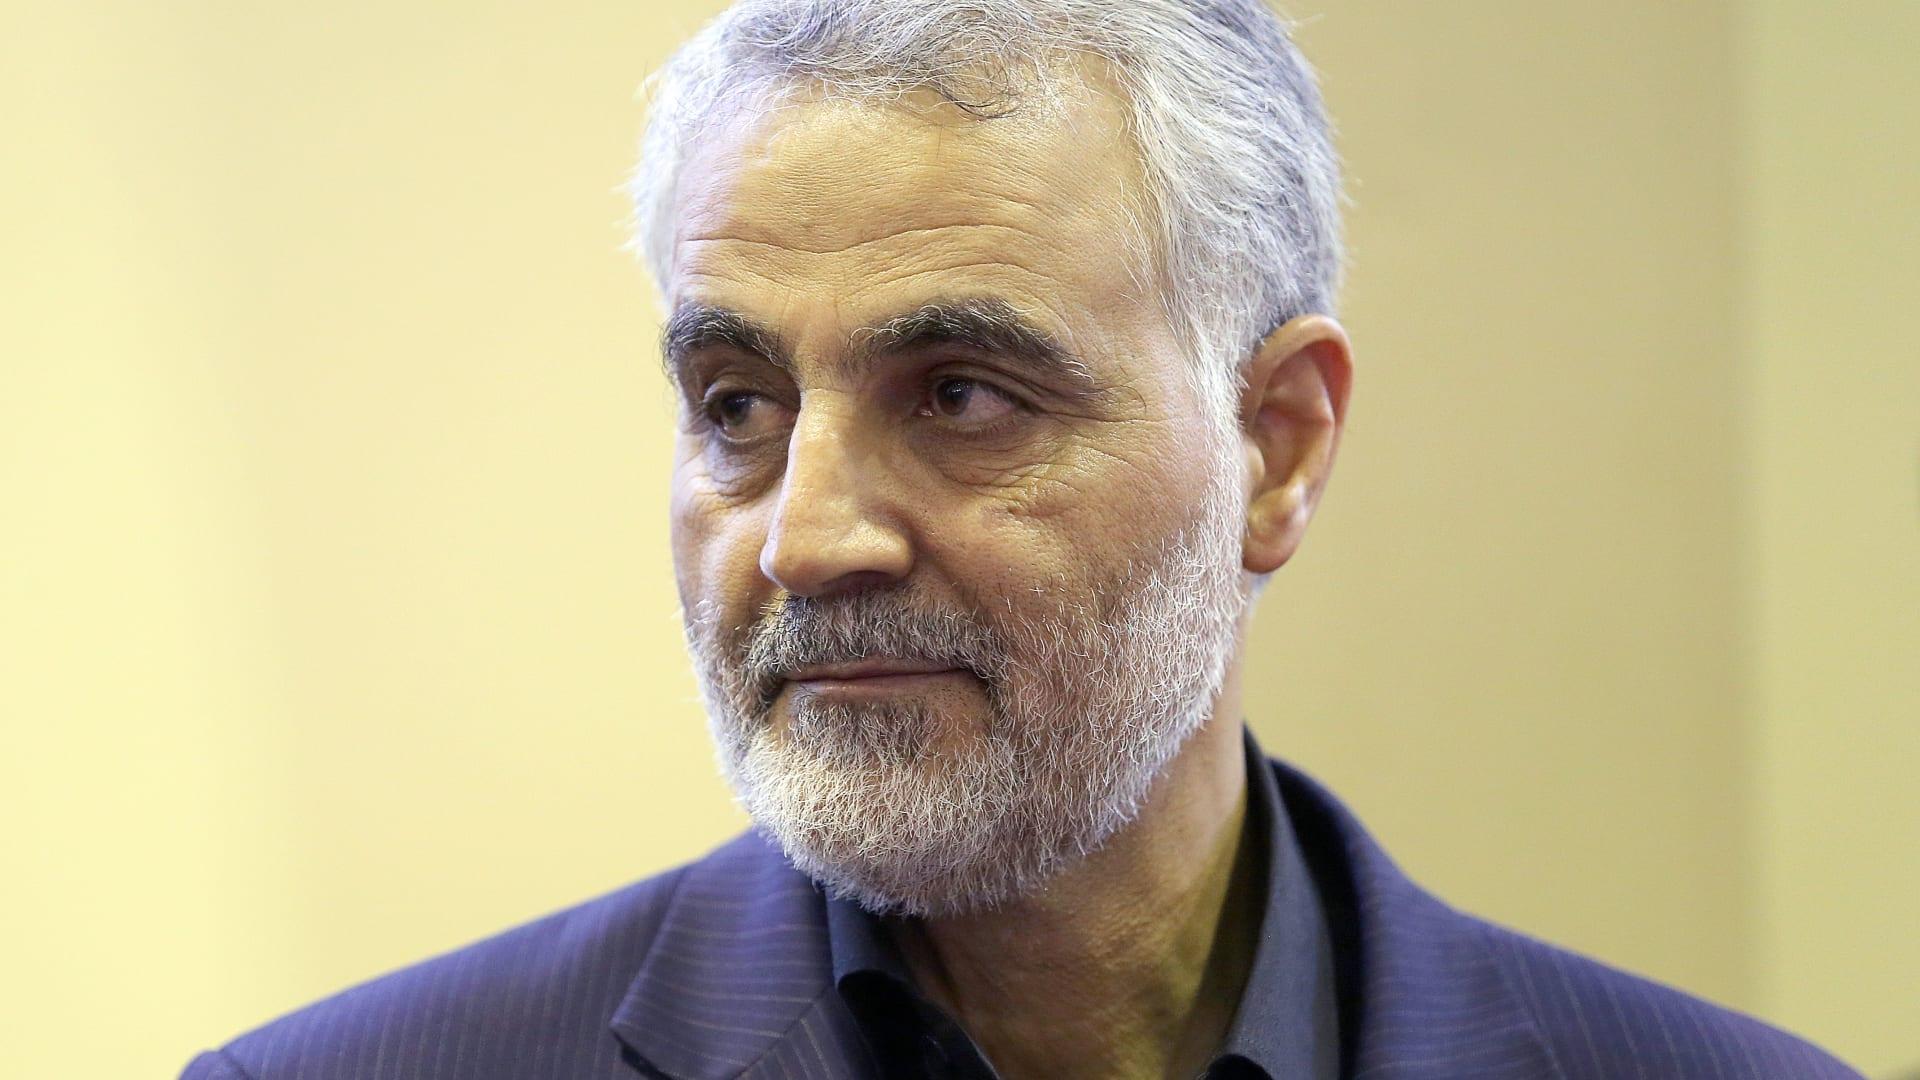 فيديو للجنرال الإيراني قاسم سليماني .. رسالة من العراق إلى عائلته بإيران